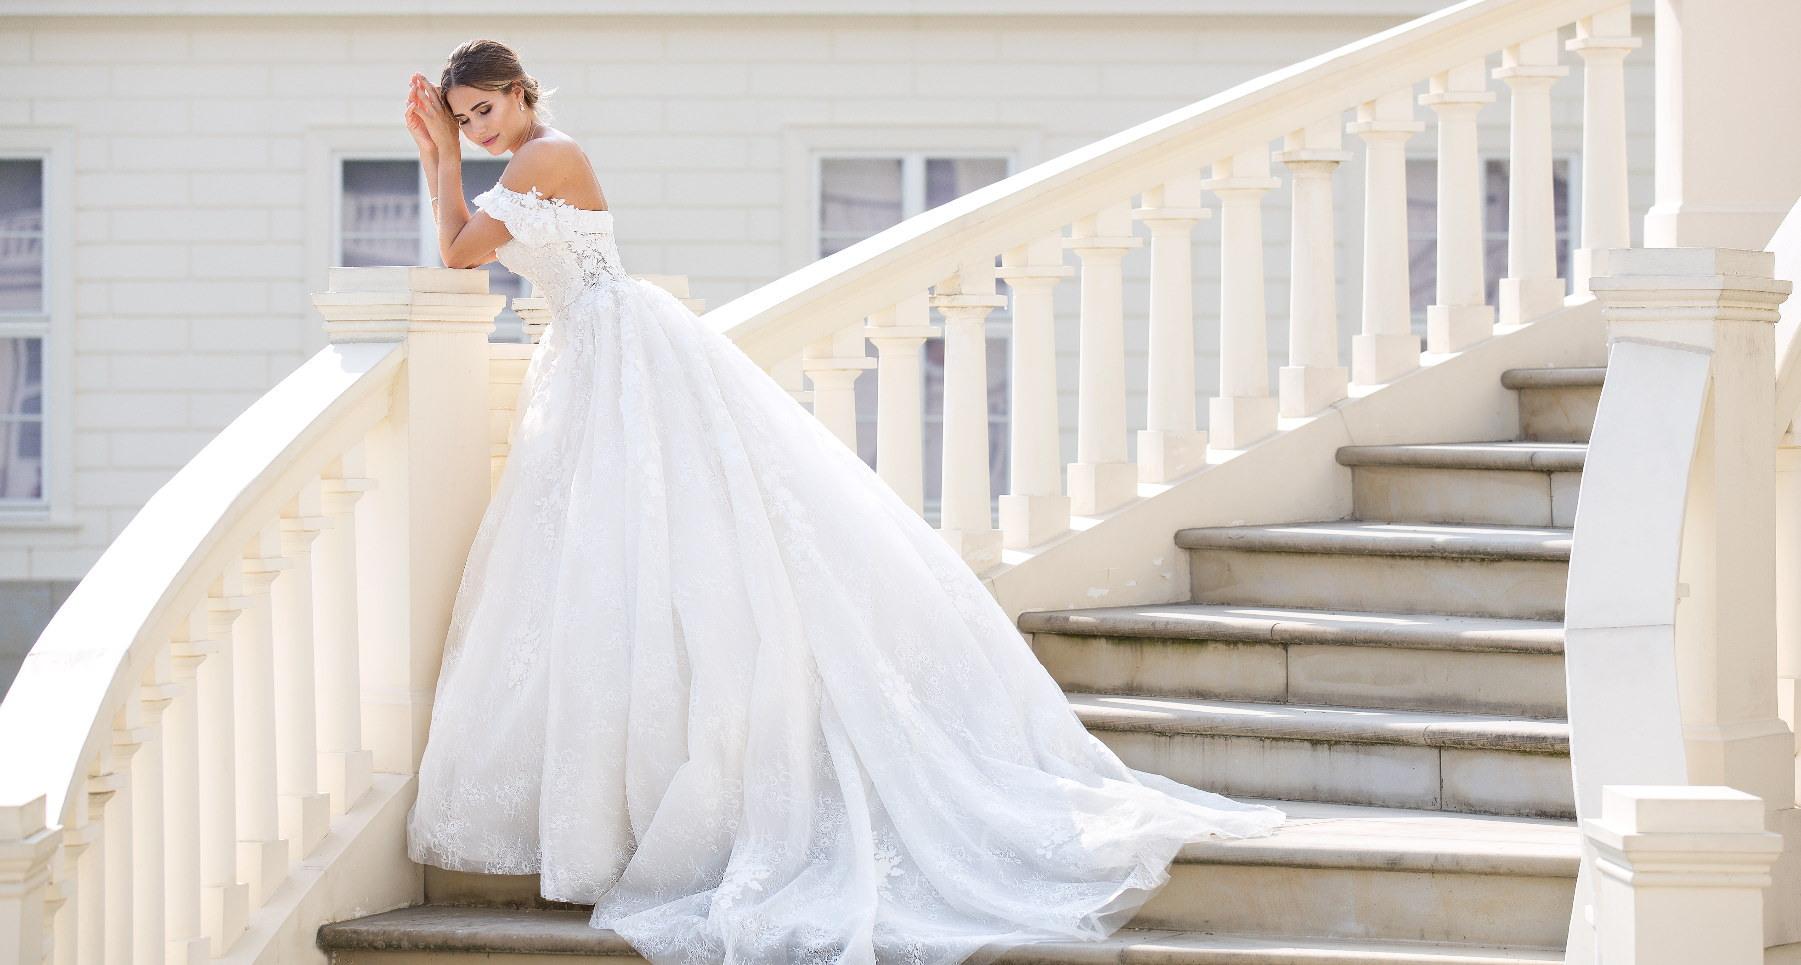 15 Erstaunlich Brautmode Bester PreisDesigner Schön Brautmode für 2019